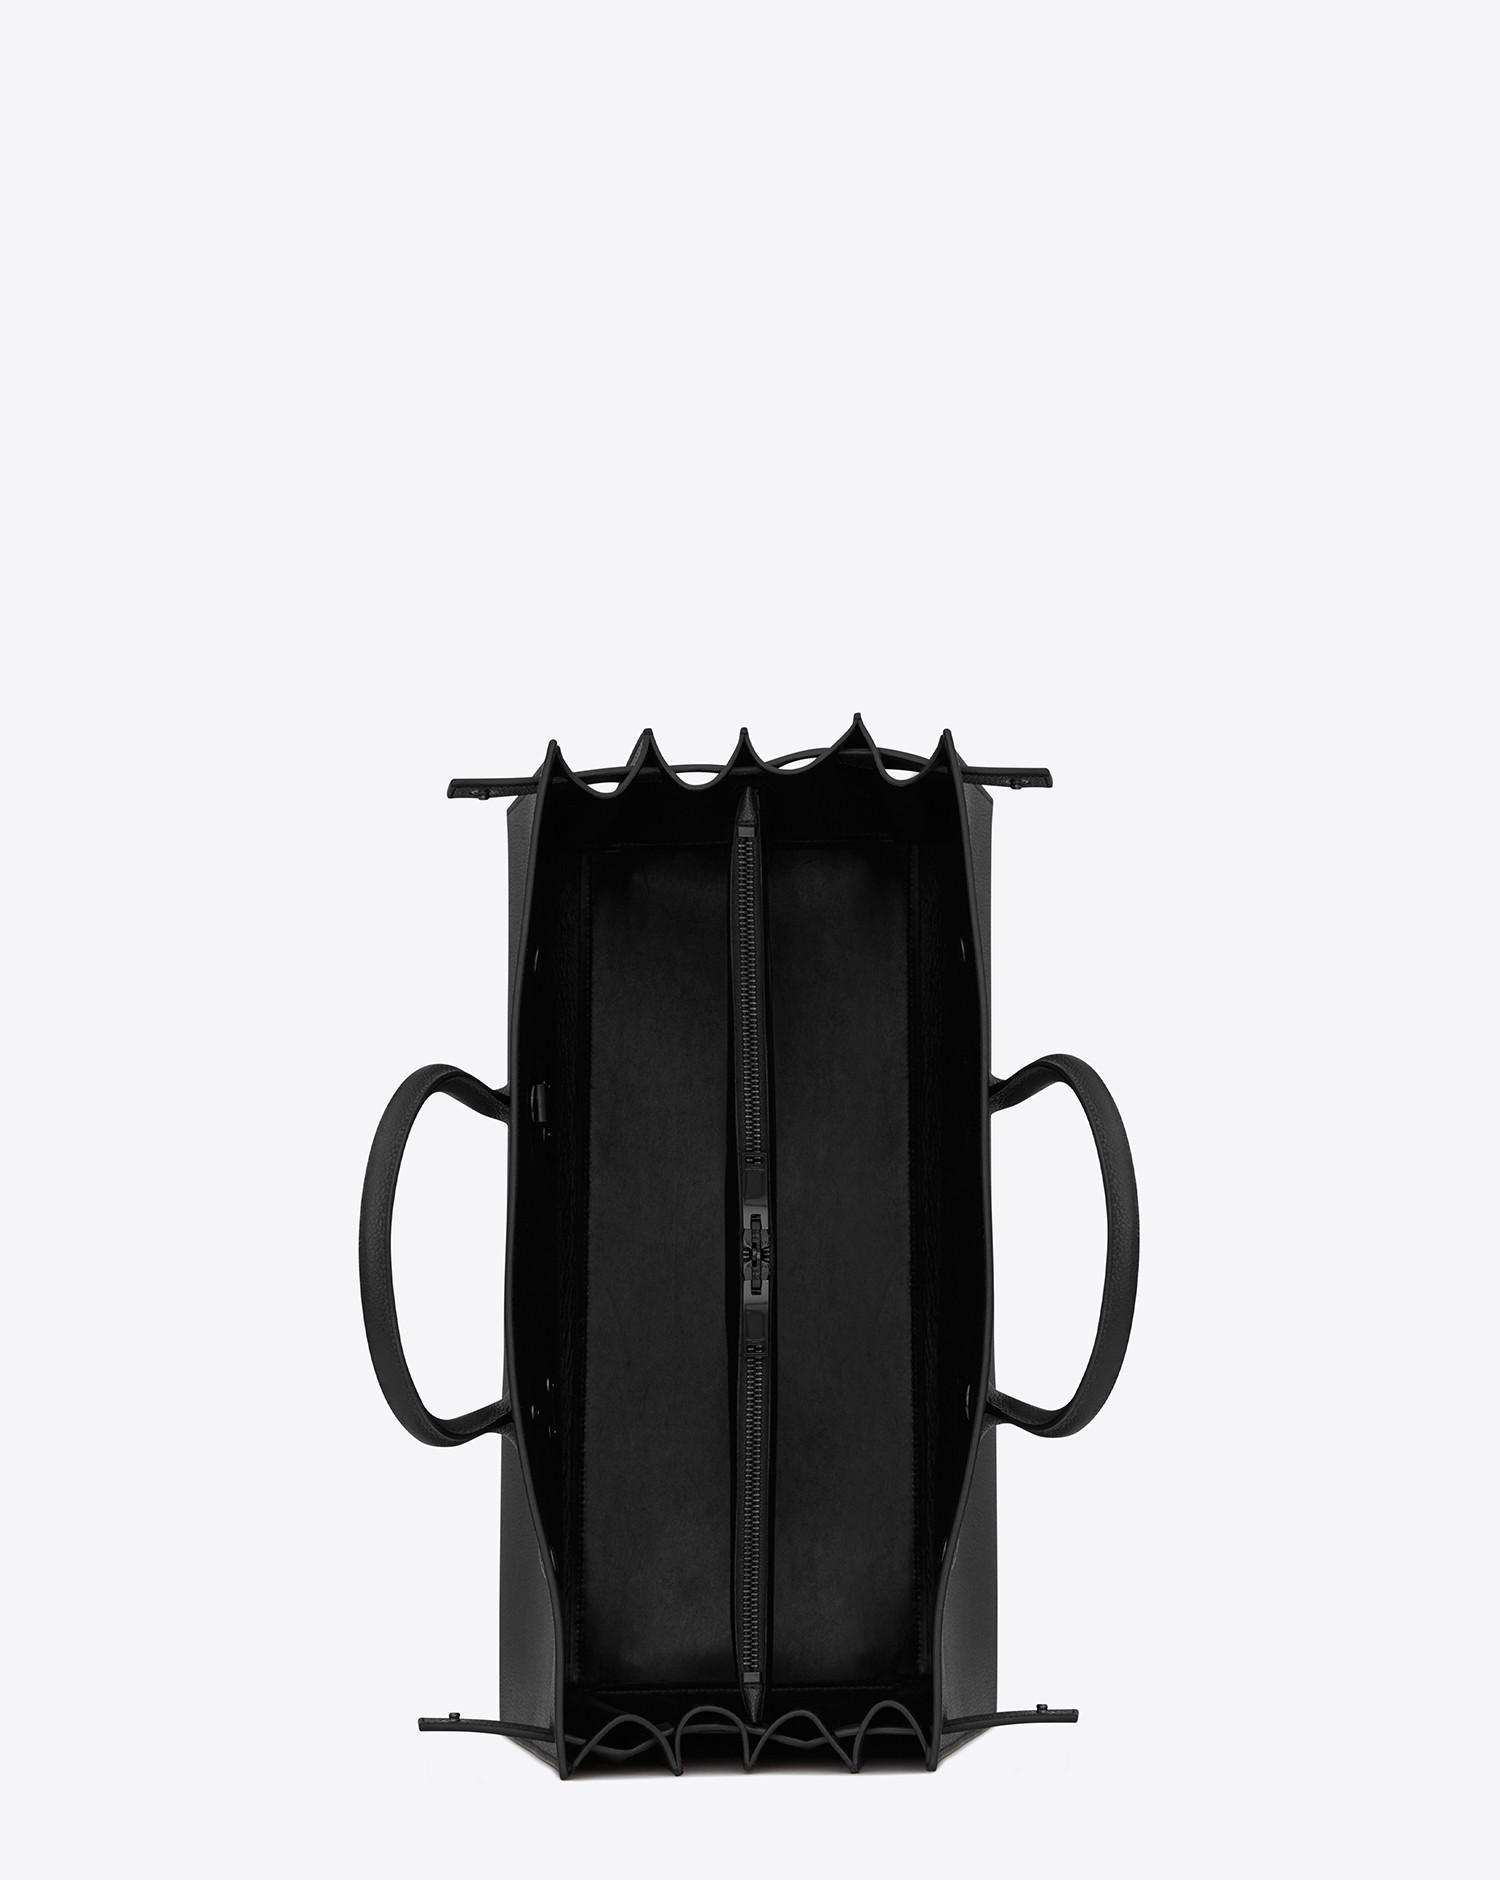 Lyst - Grand sac de jour carry all en cuir grainé Saint Laurent pour homme  en coloris Noir bef8e807b3d